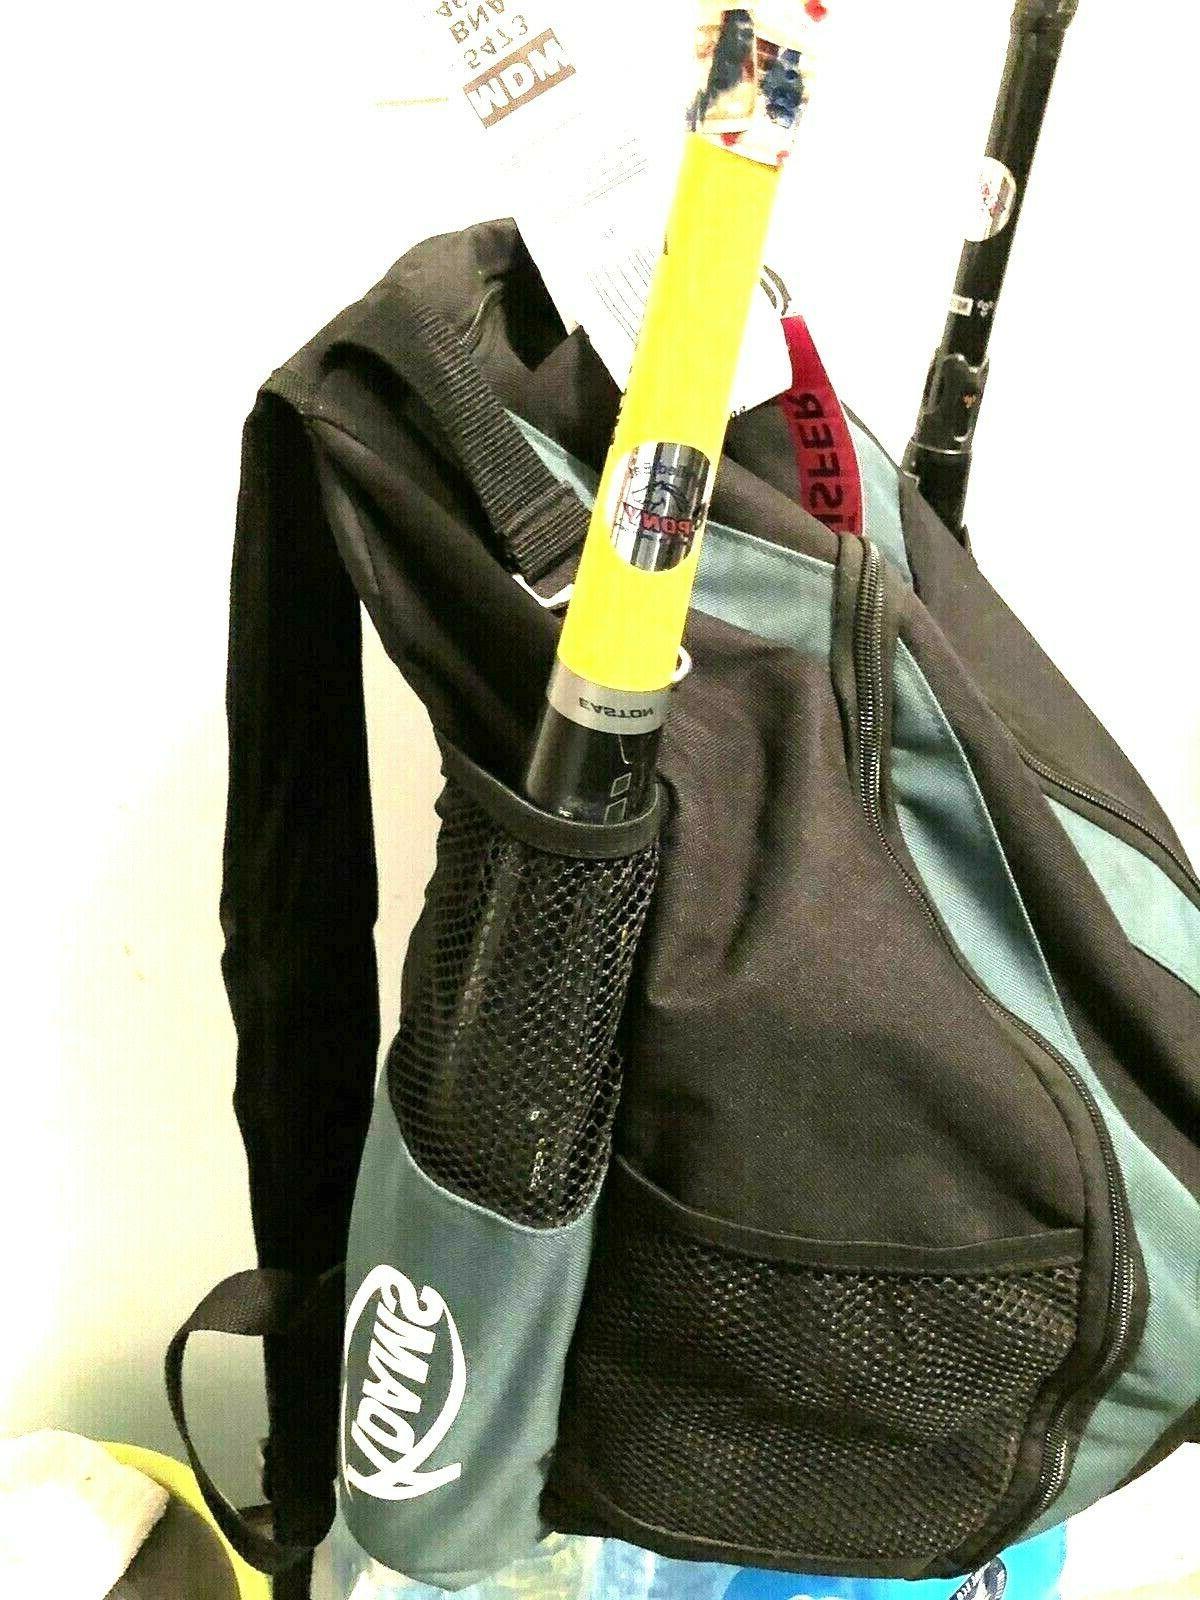 Baseball Green Bag Game Softball Equipment Bag